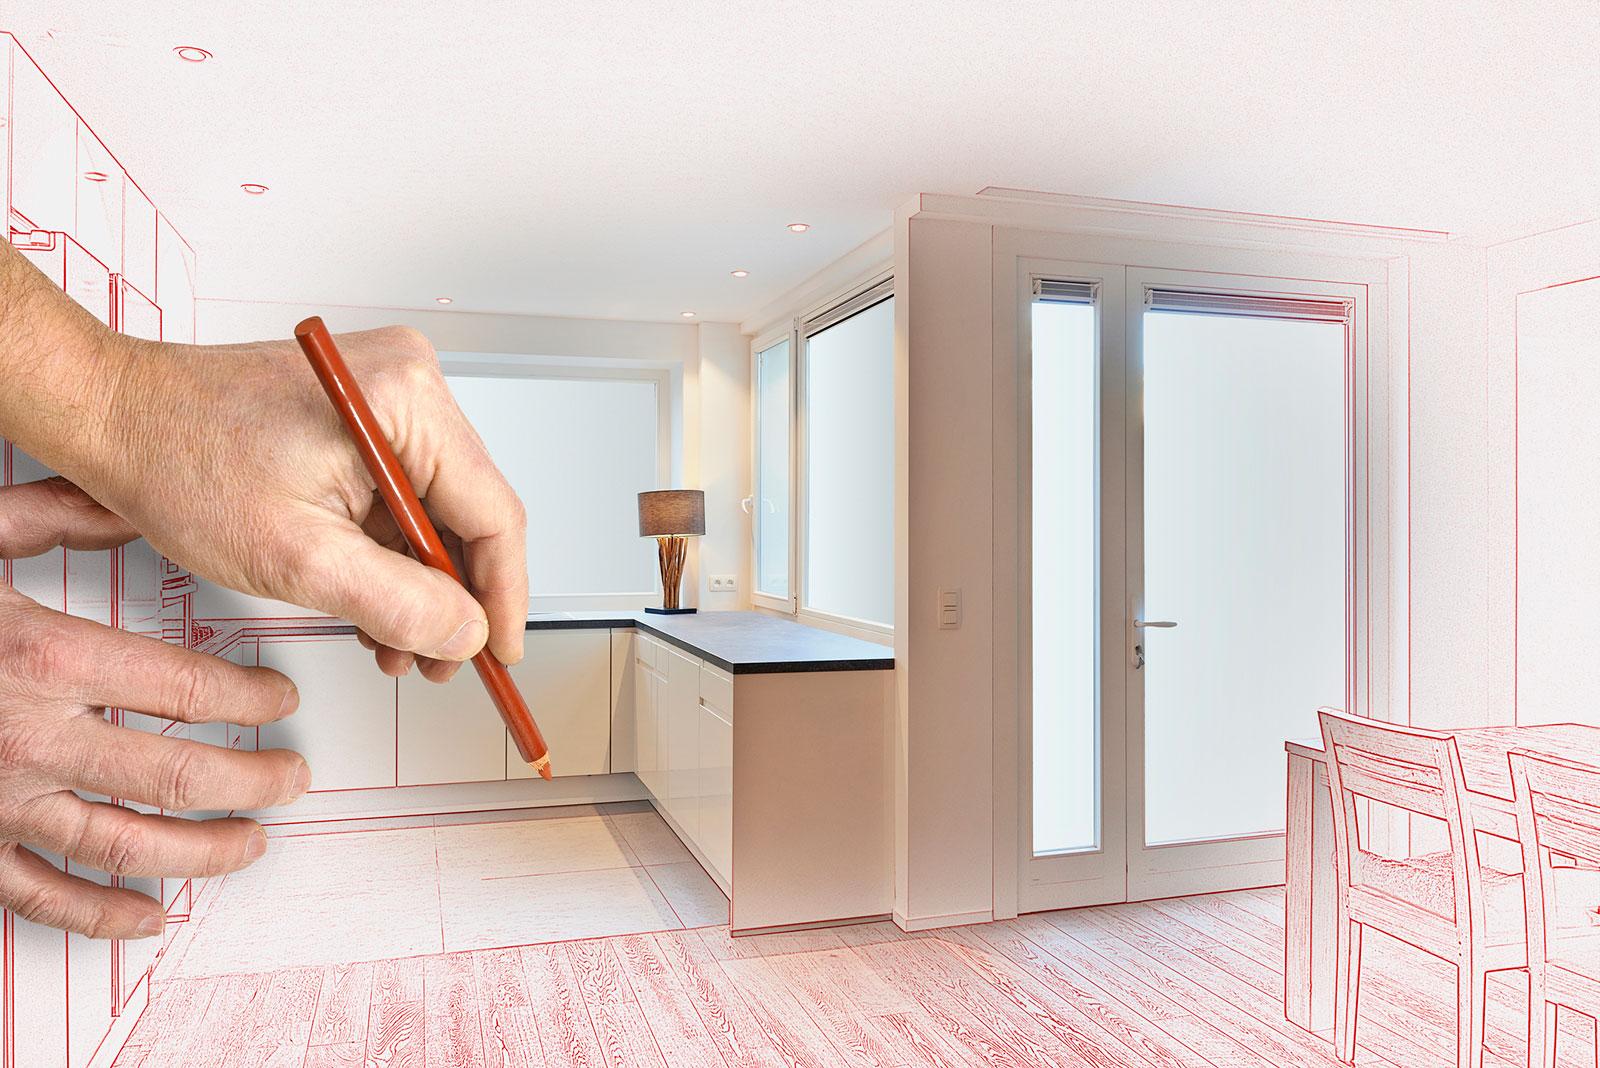 Nach Maß: Für eine gute Küchenplanung musst du die Raummaße genau kennen.